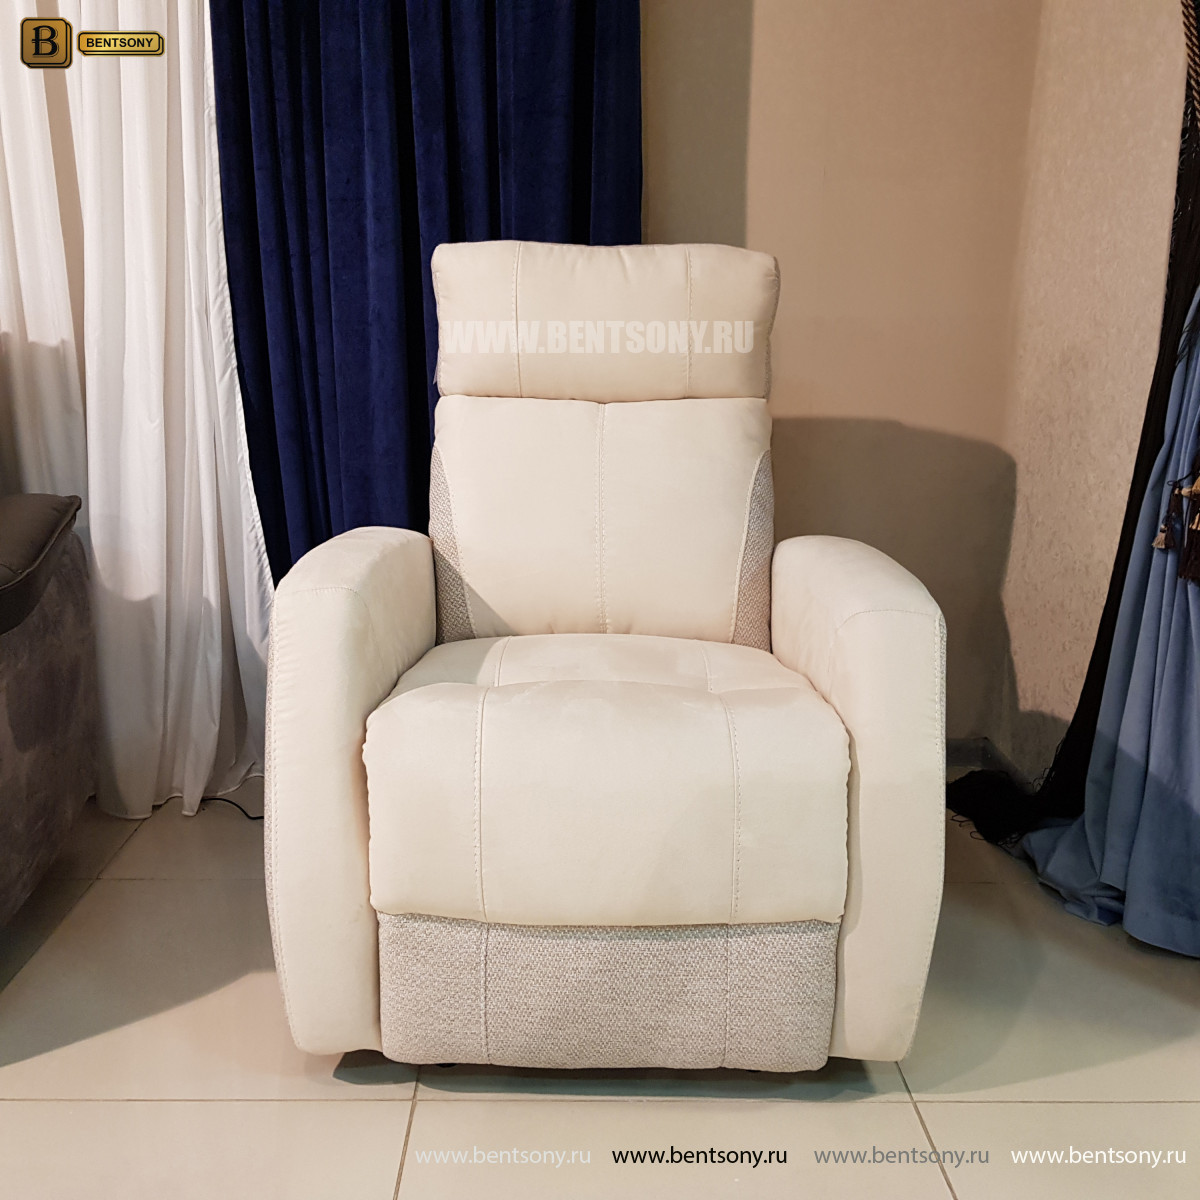 Кресло Эдвард с электрореклайнером официальный сайт цены